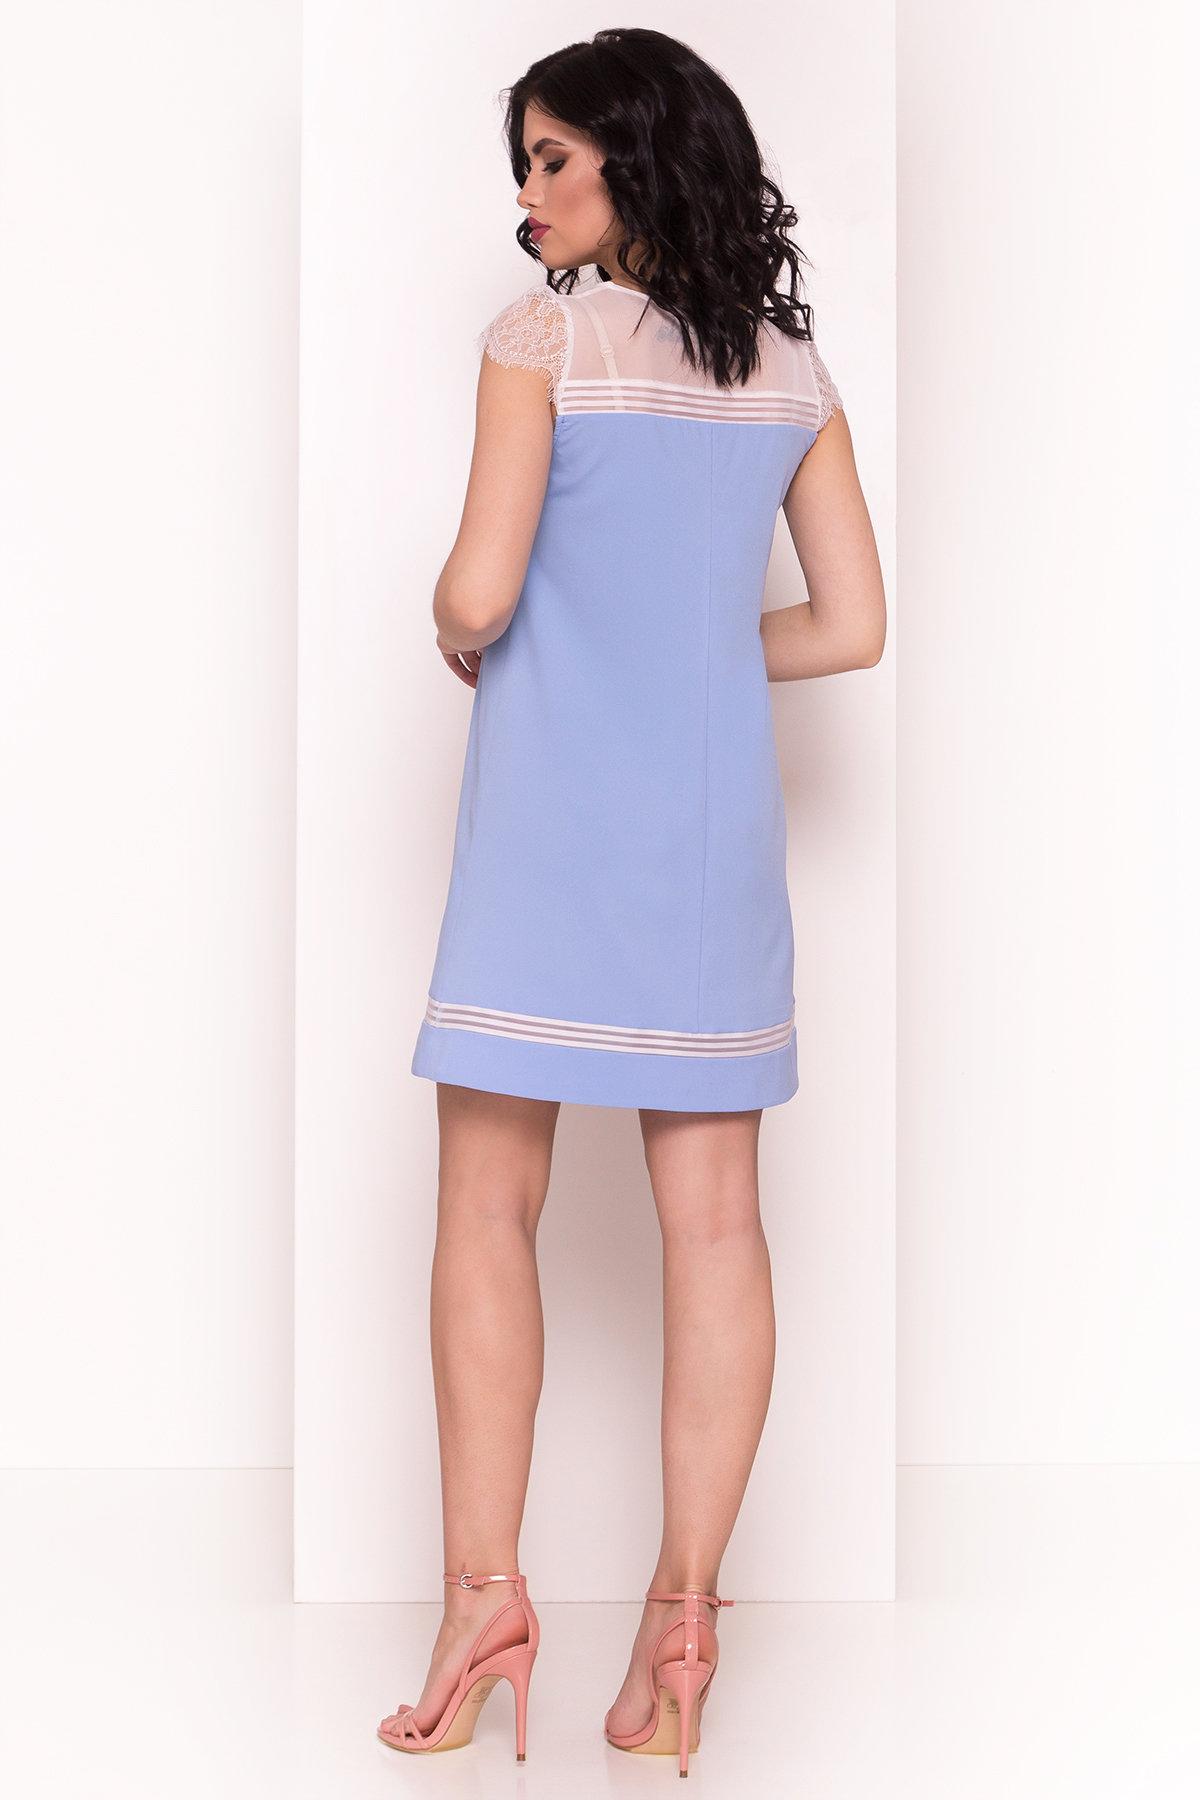 Платье Итана 4880 АРТ. 34549 Цвет: Голубой - фото 3, интернет магазин tm-modus.ru